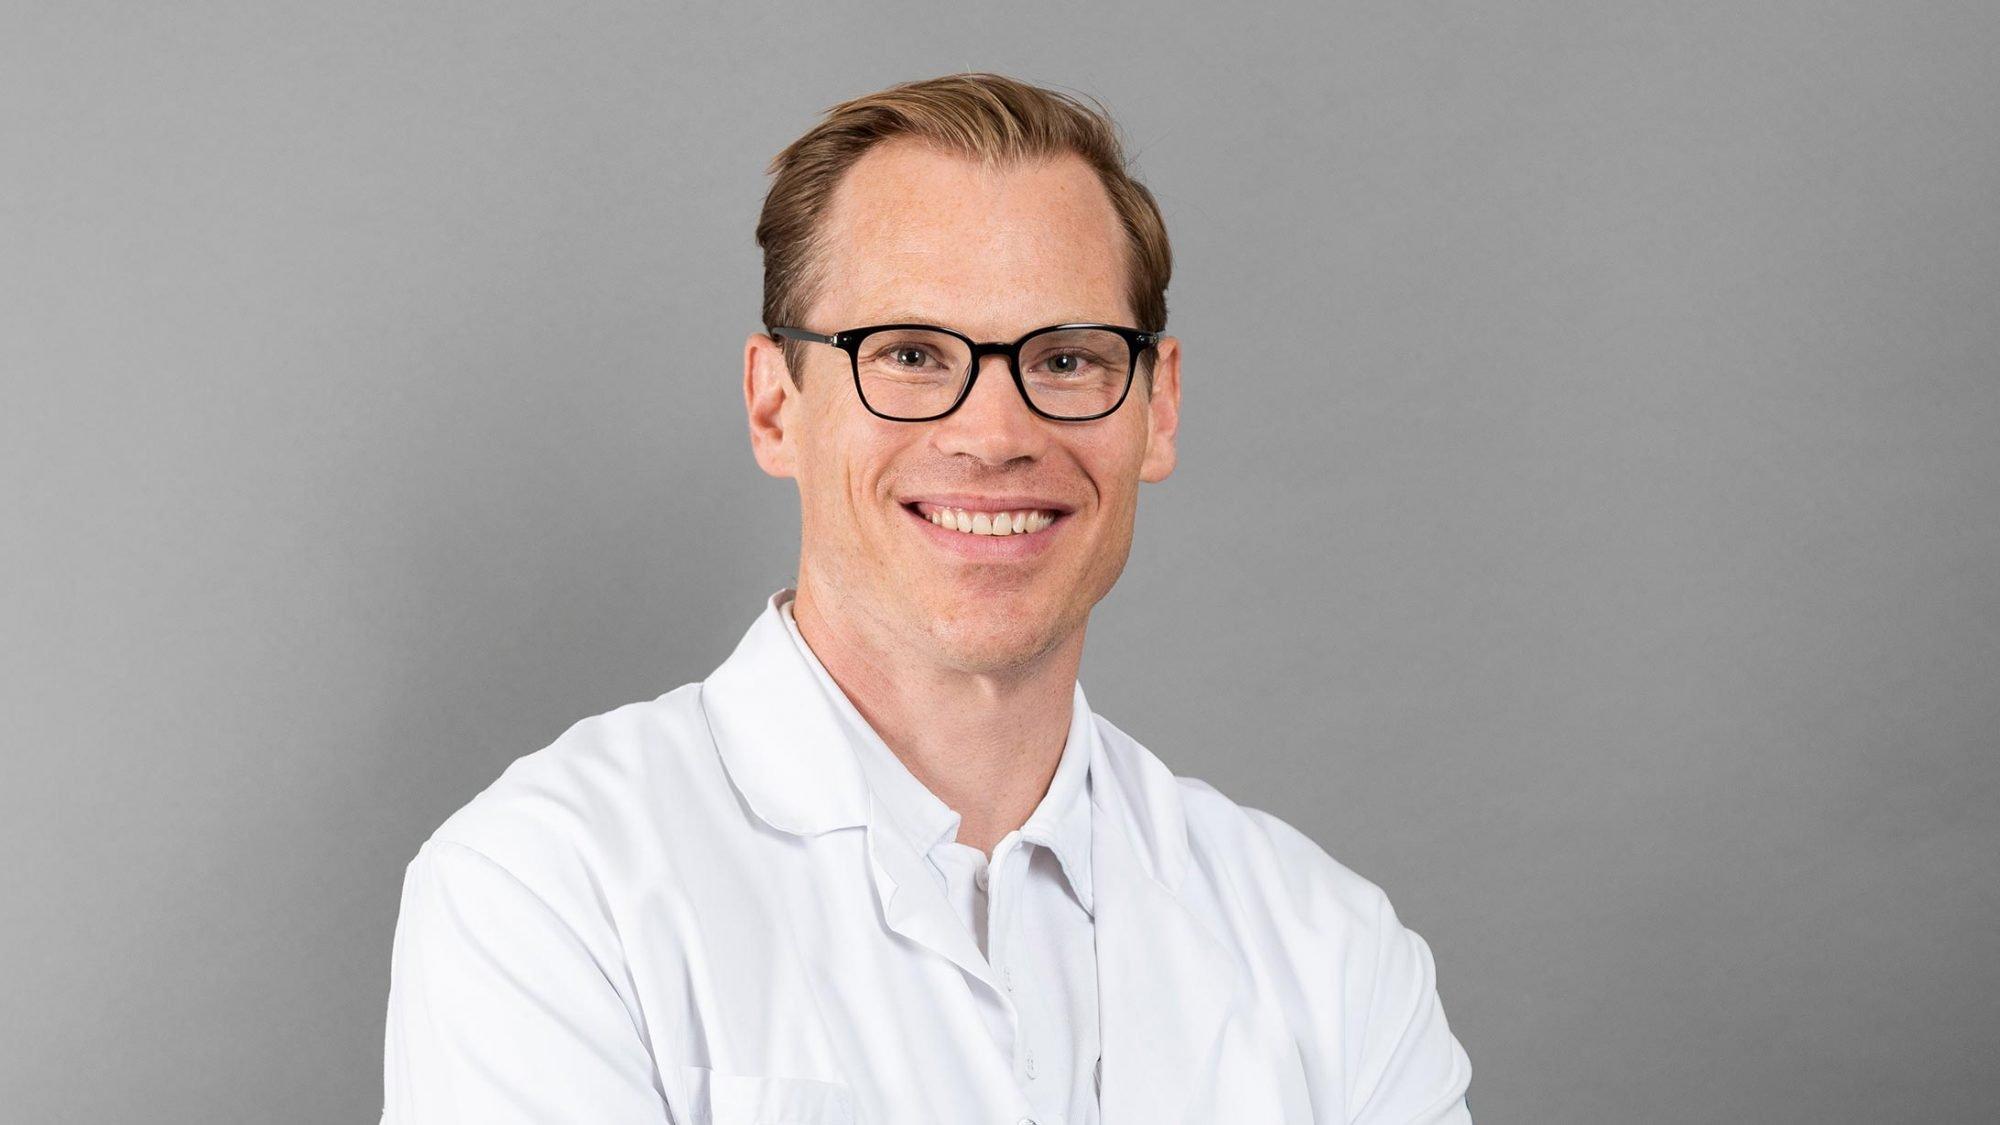 Lukas Hefermehl, Facharzt für Urologie am Kantonsspital Baden